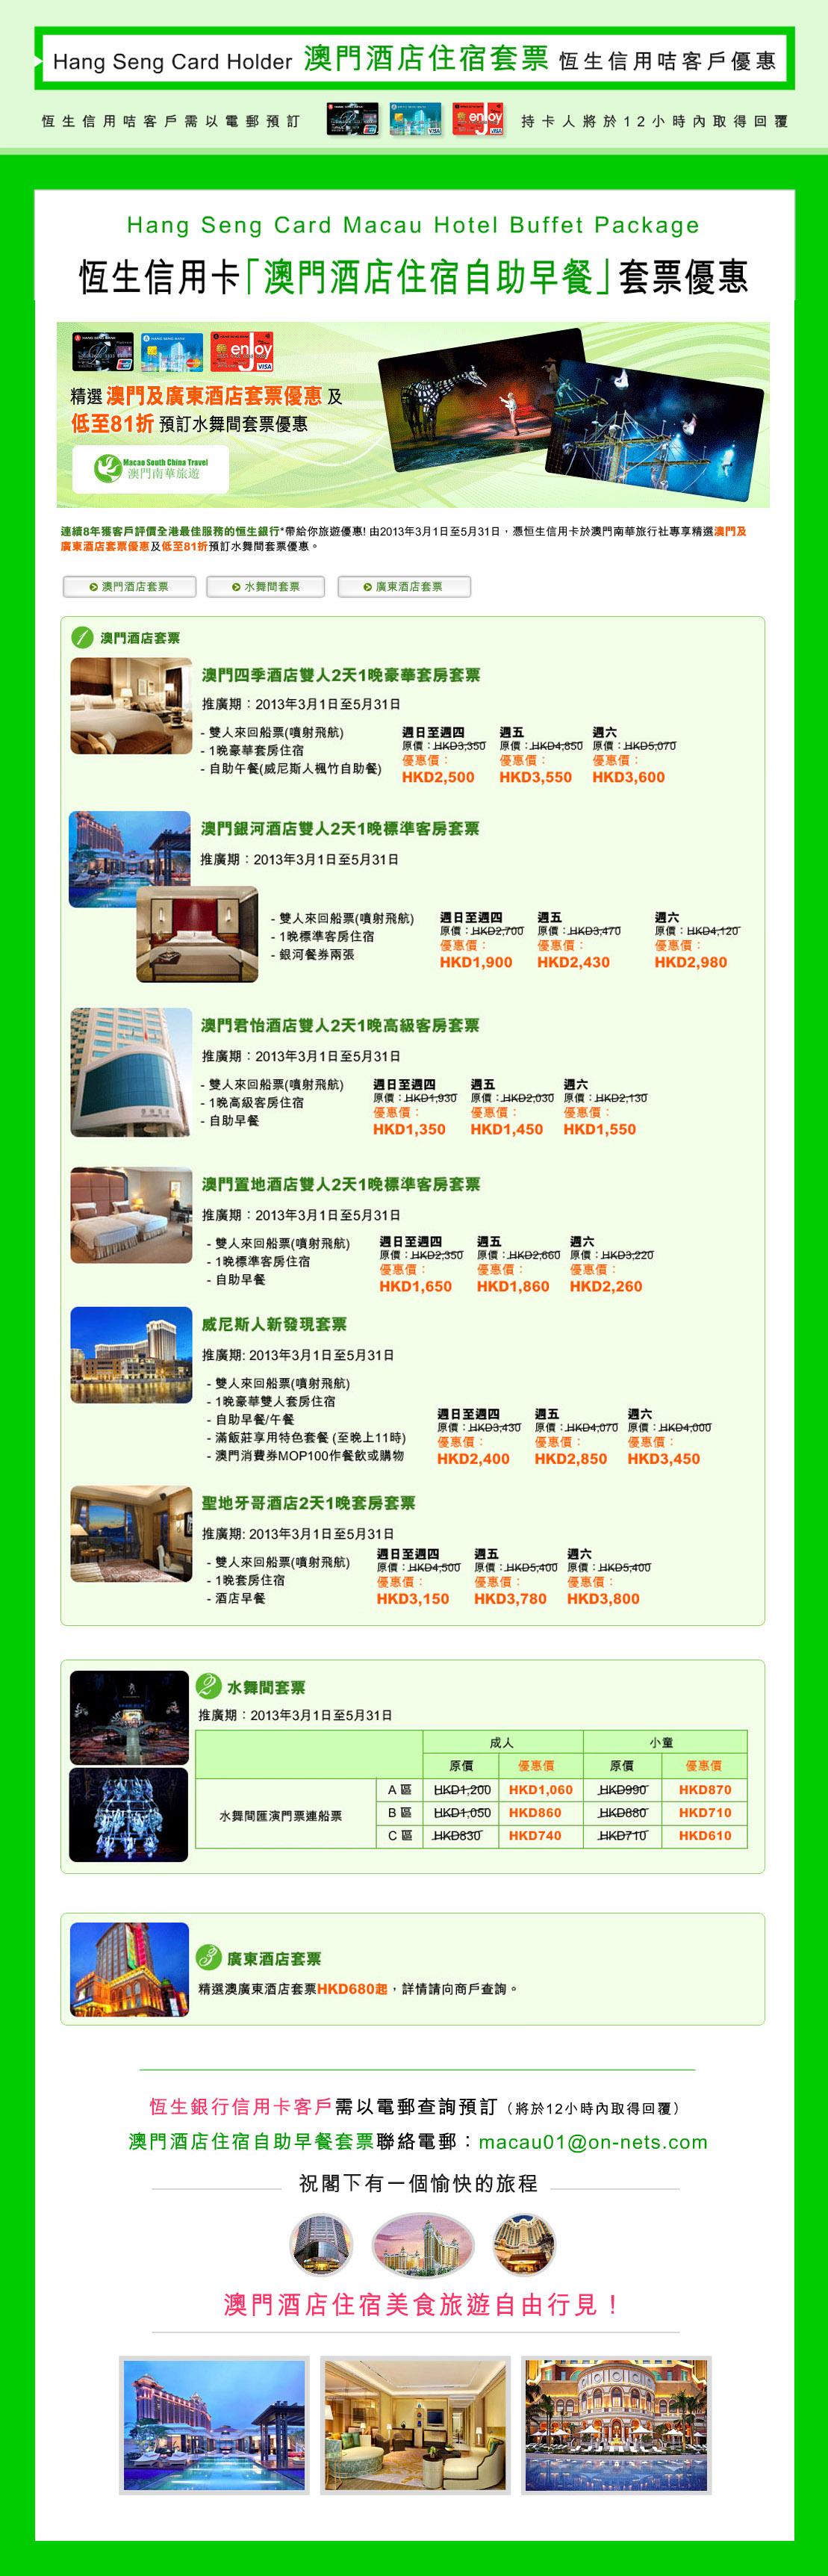 恆生visa信用卡預訂澳門銀河 悅榕莊酒店、澳門銀河酒店Galaxy hotel住宿套票優惠2012